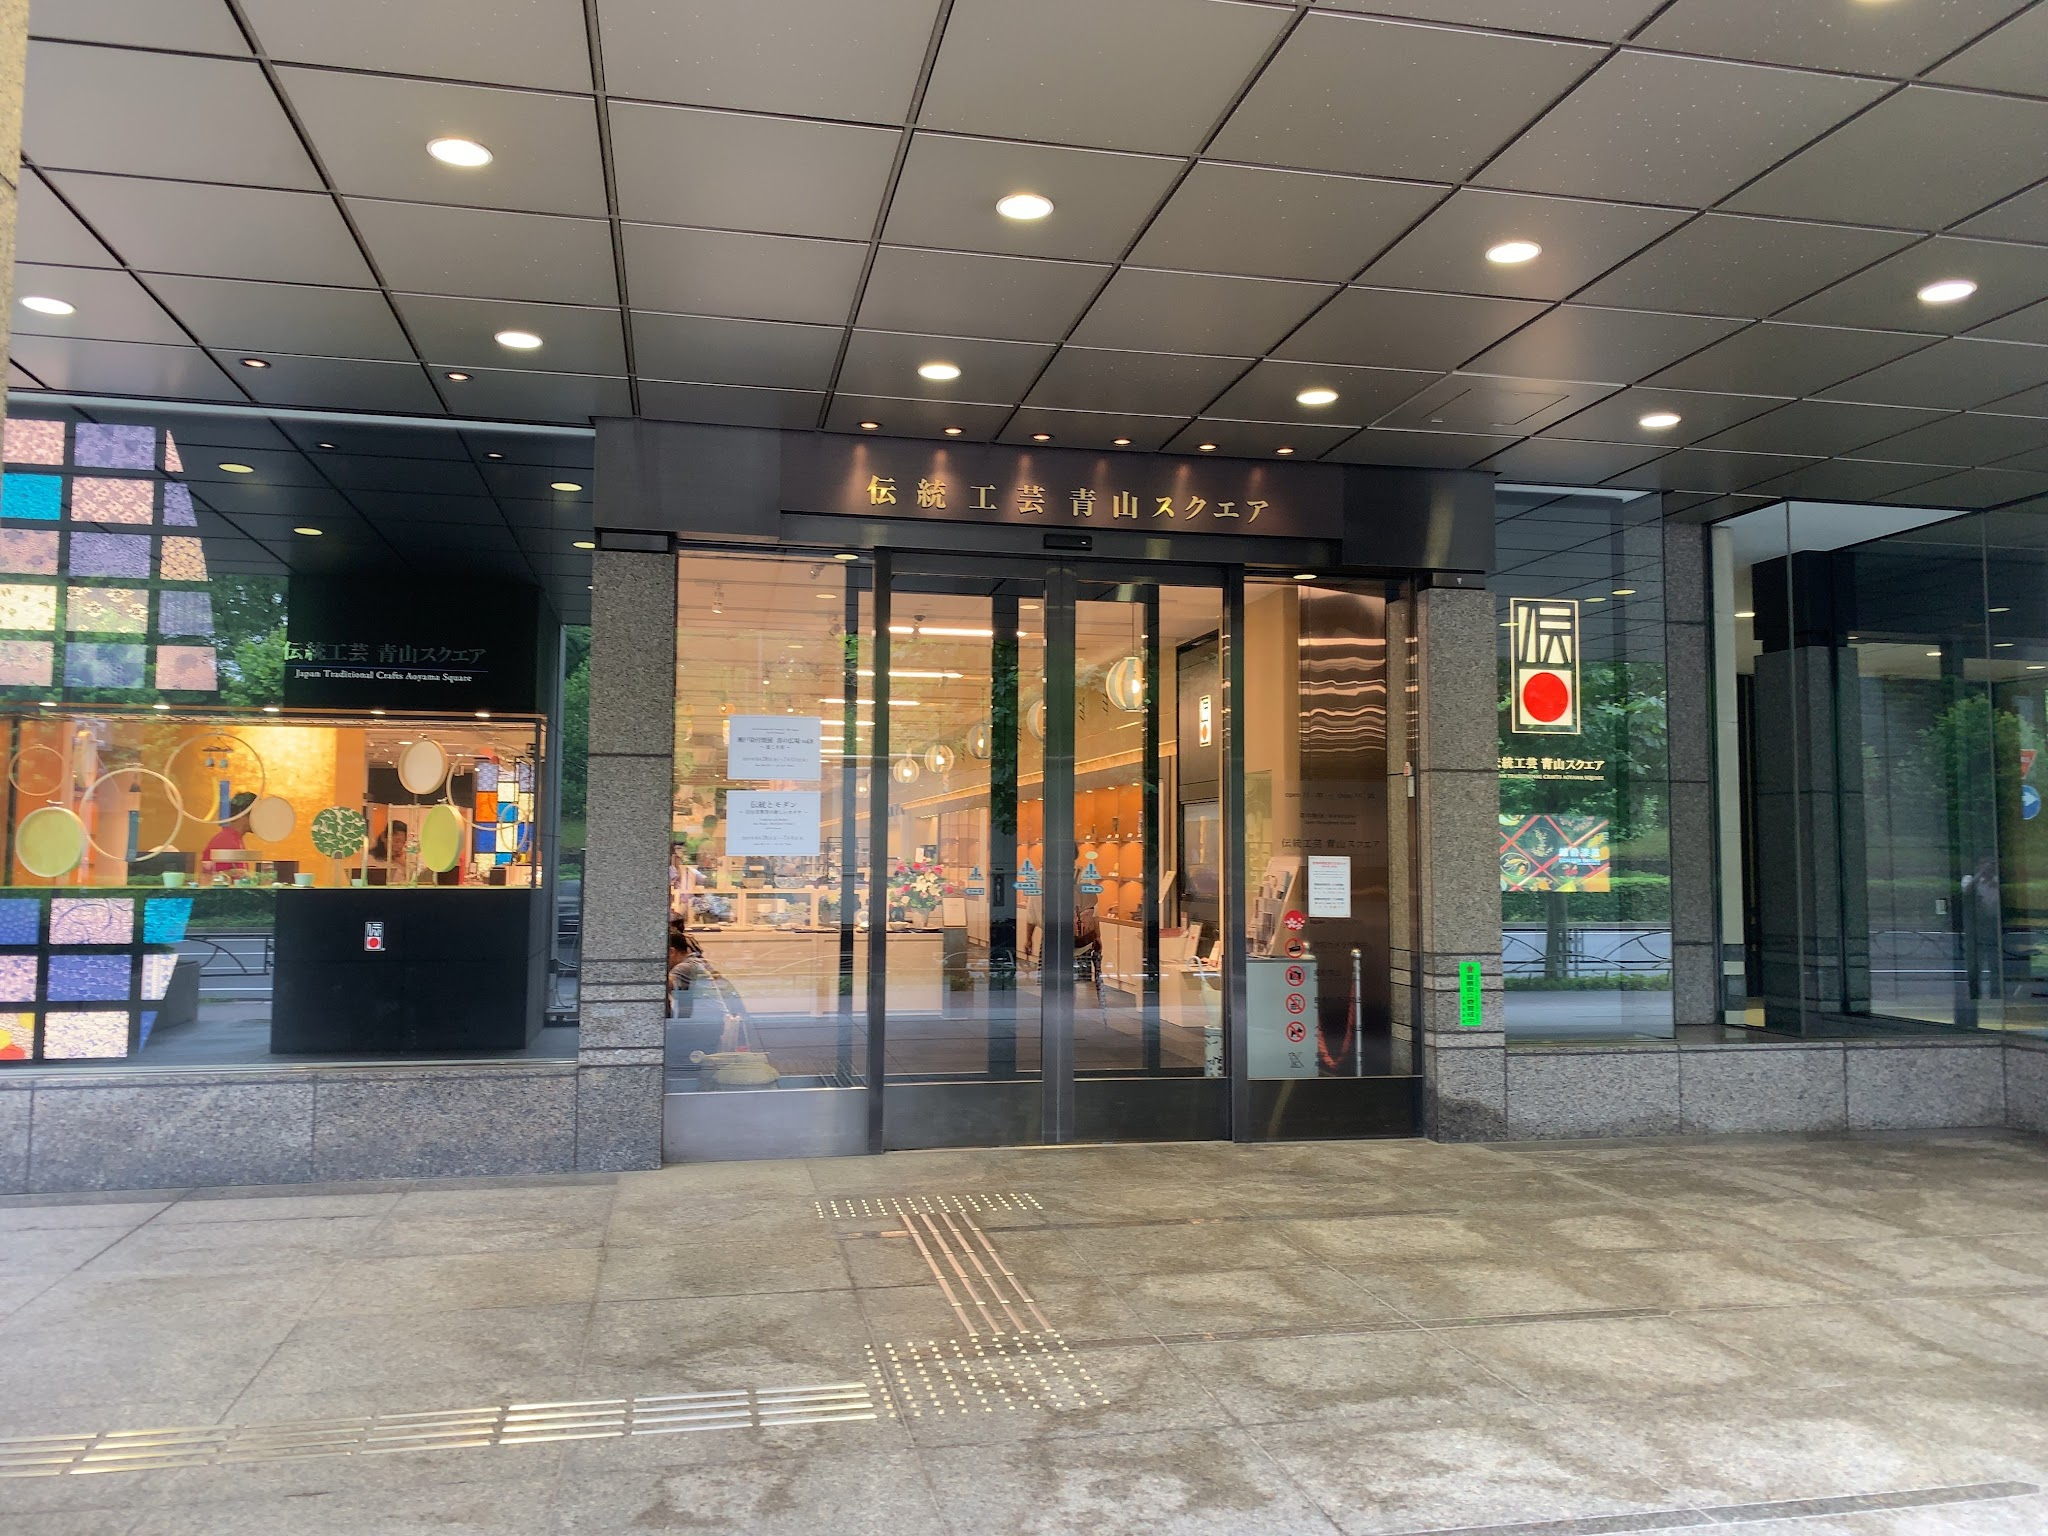 青山スクエアに行ってきました